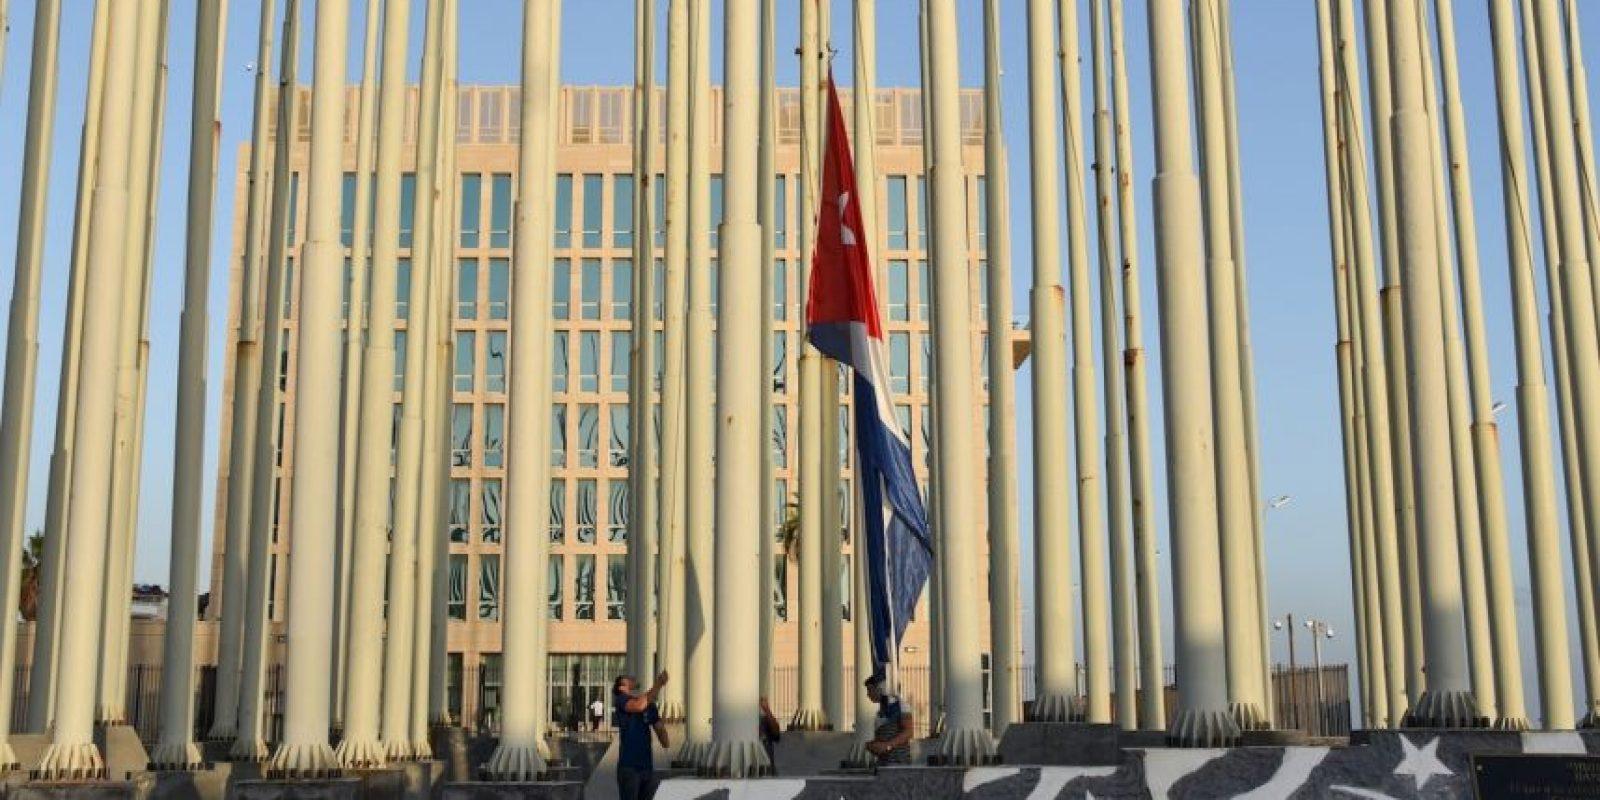 Hoy se llevó a cabo la apertura de la Embajada de Cuba en Estados Unidos, hecho que oficializó el restablecimiento de las relaciones diplomáticas entre ambos países. Foto:AFP